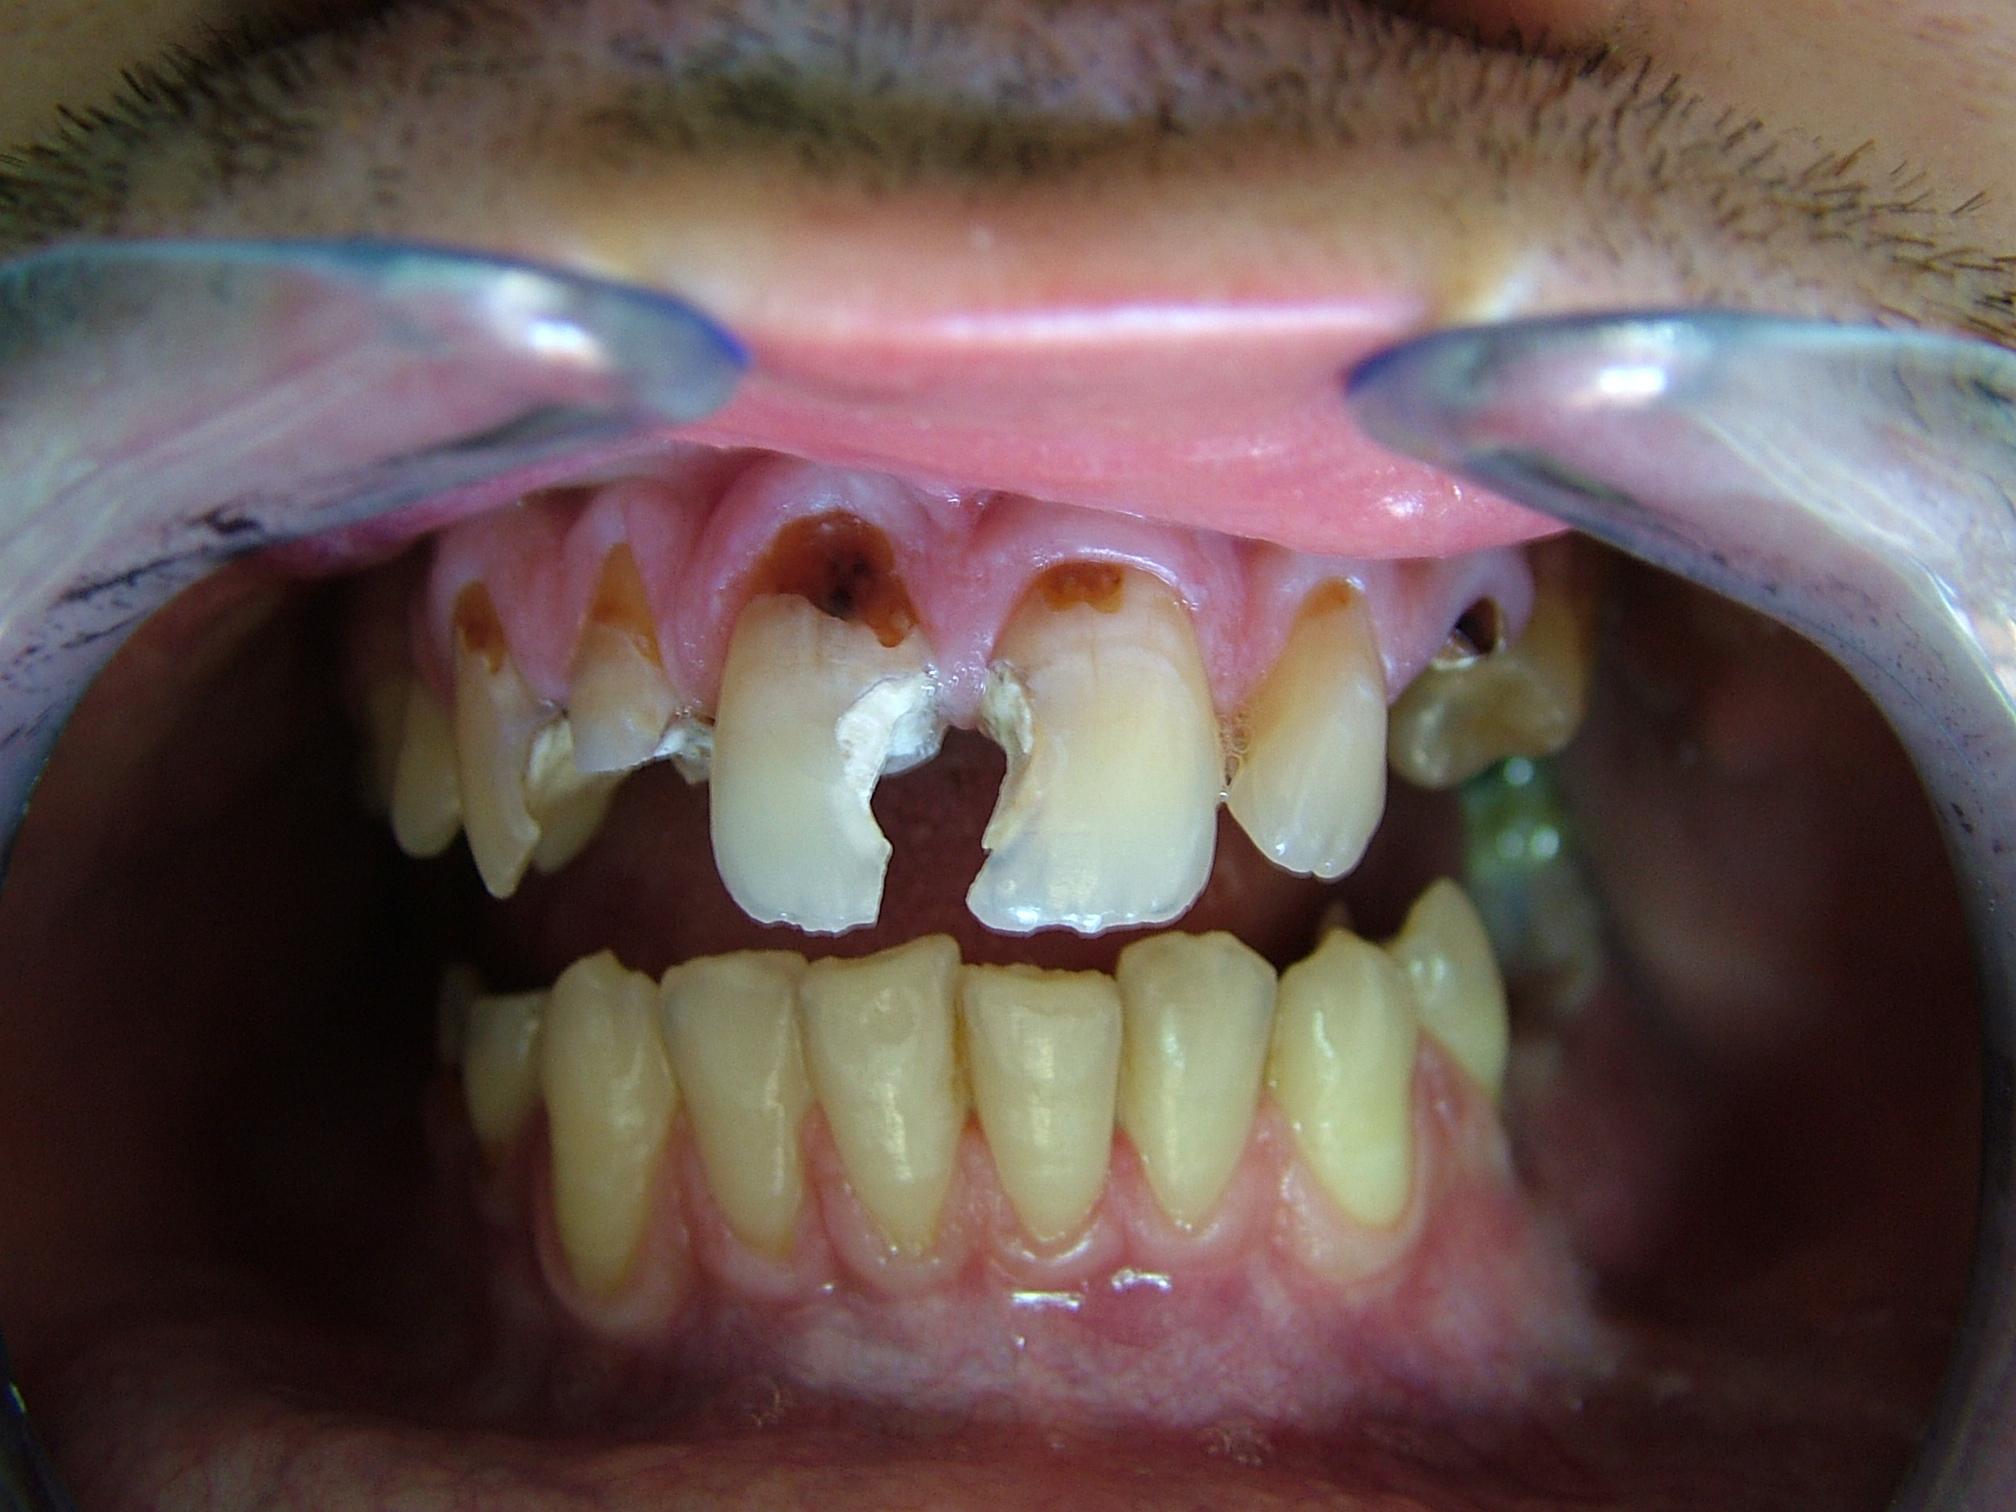 Endodonzia e conservativa: i perni in fibra come alternativa alla protesi